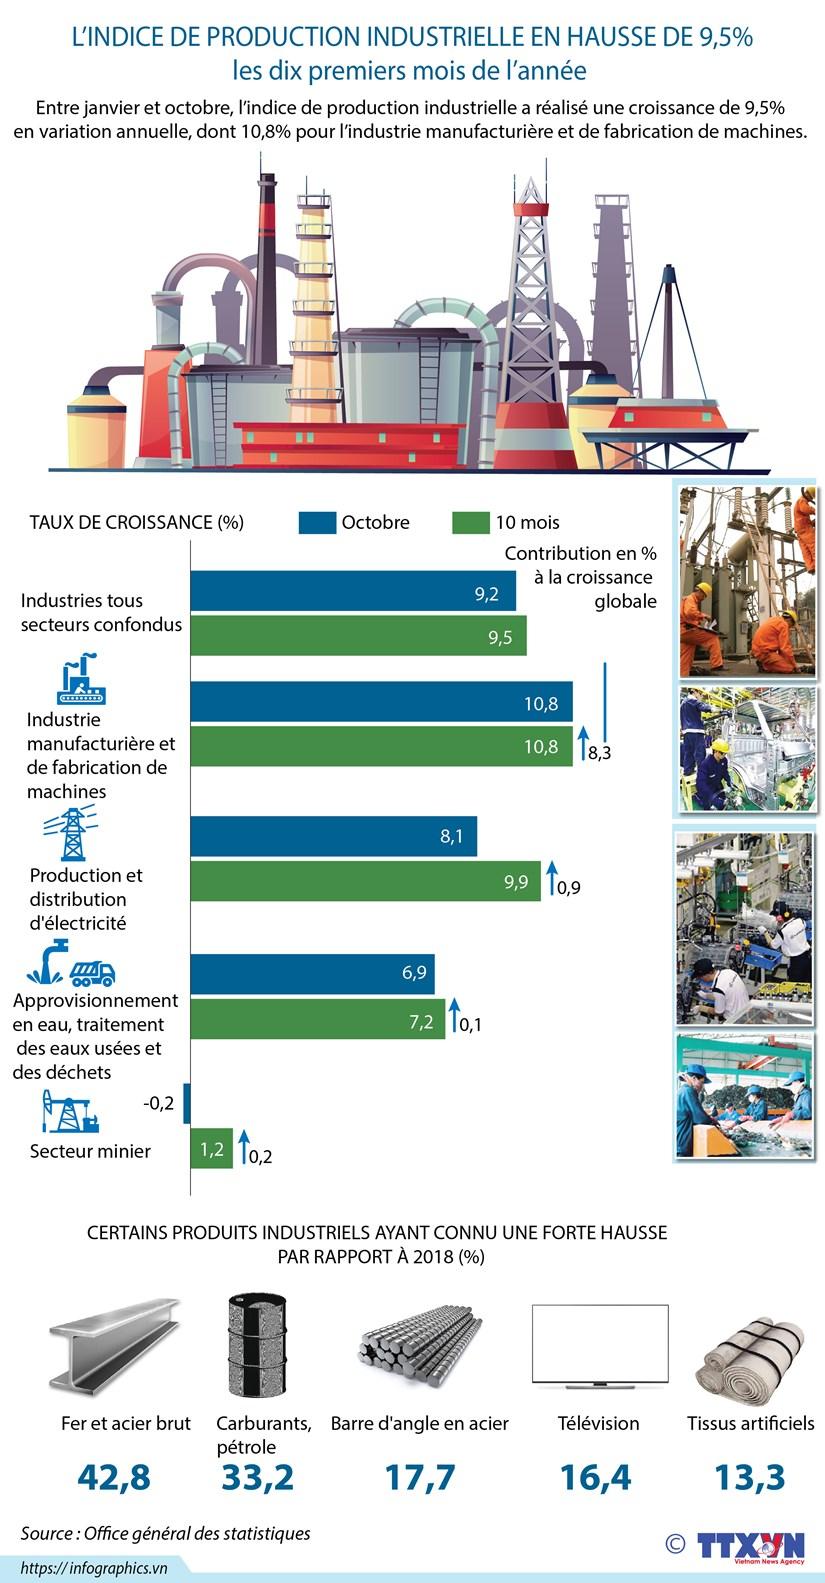 L'indice de production industrielle en hausse de 9,5% les dix premiers mois de l'annee hinh anh 1